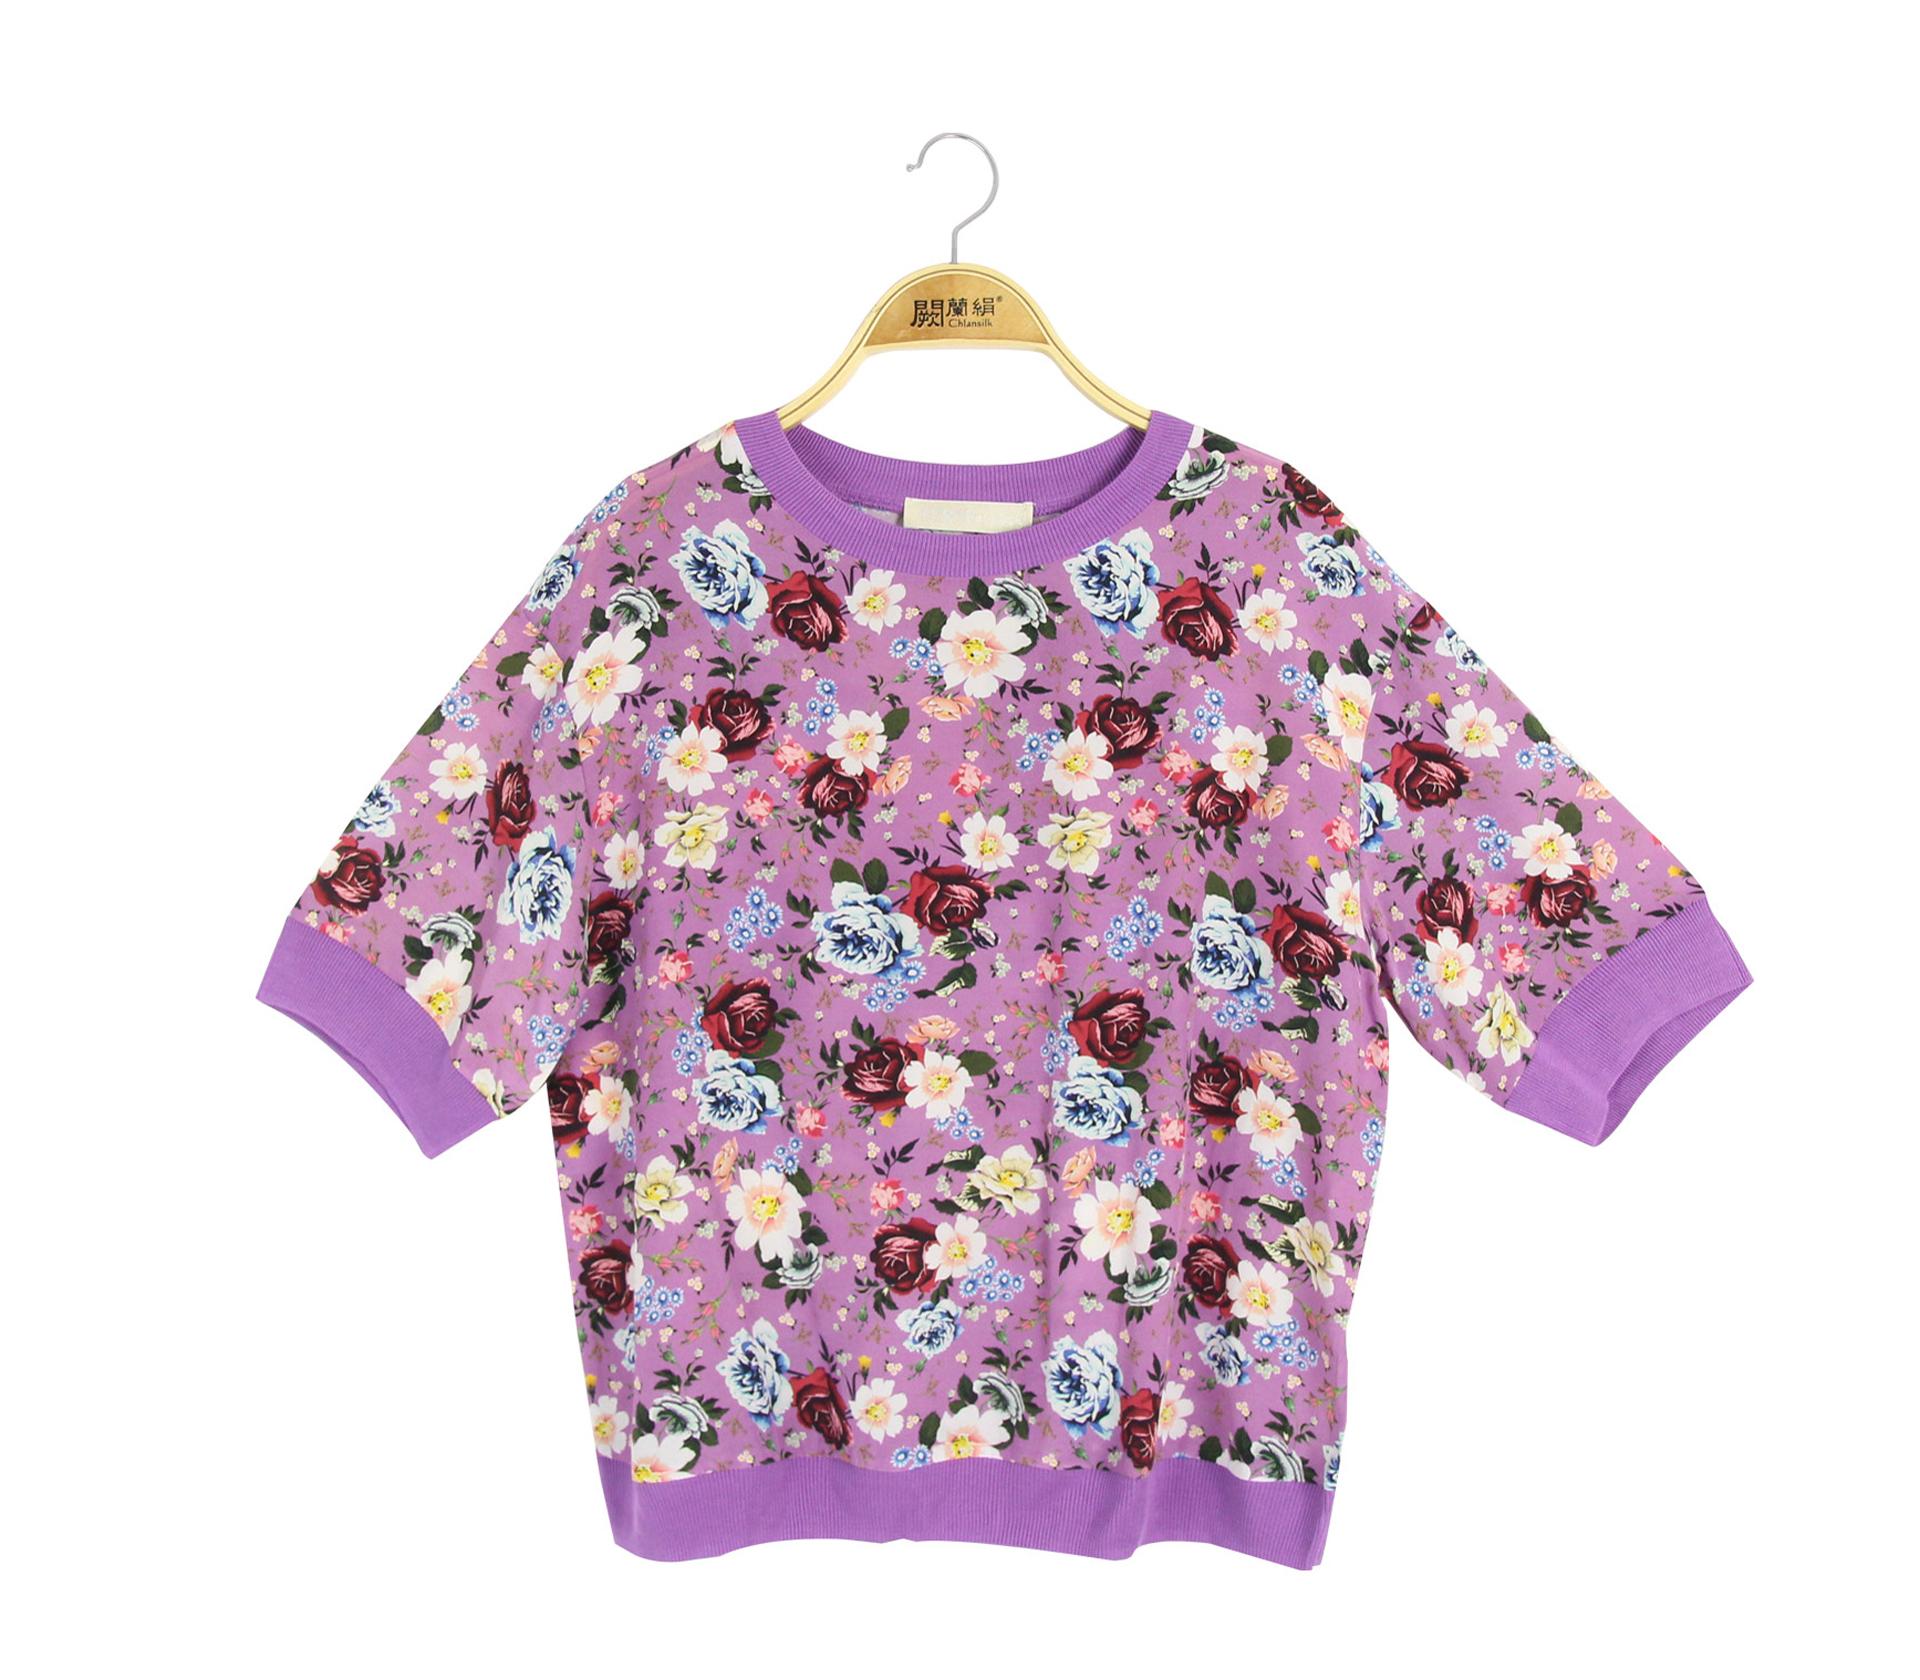 闕蘭絹繽紛花朵100%蠶絲雪紡上衣 - 紫色 - 68106